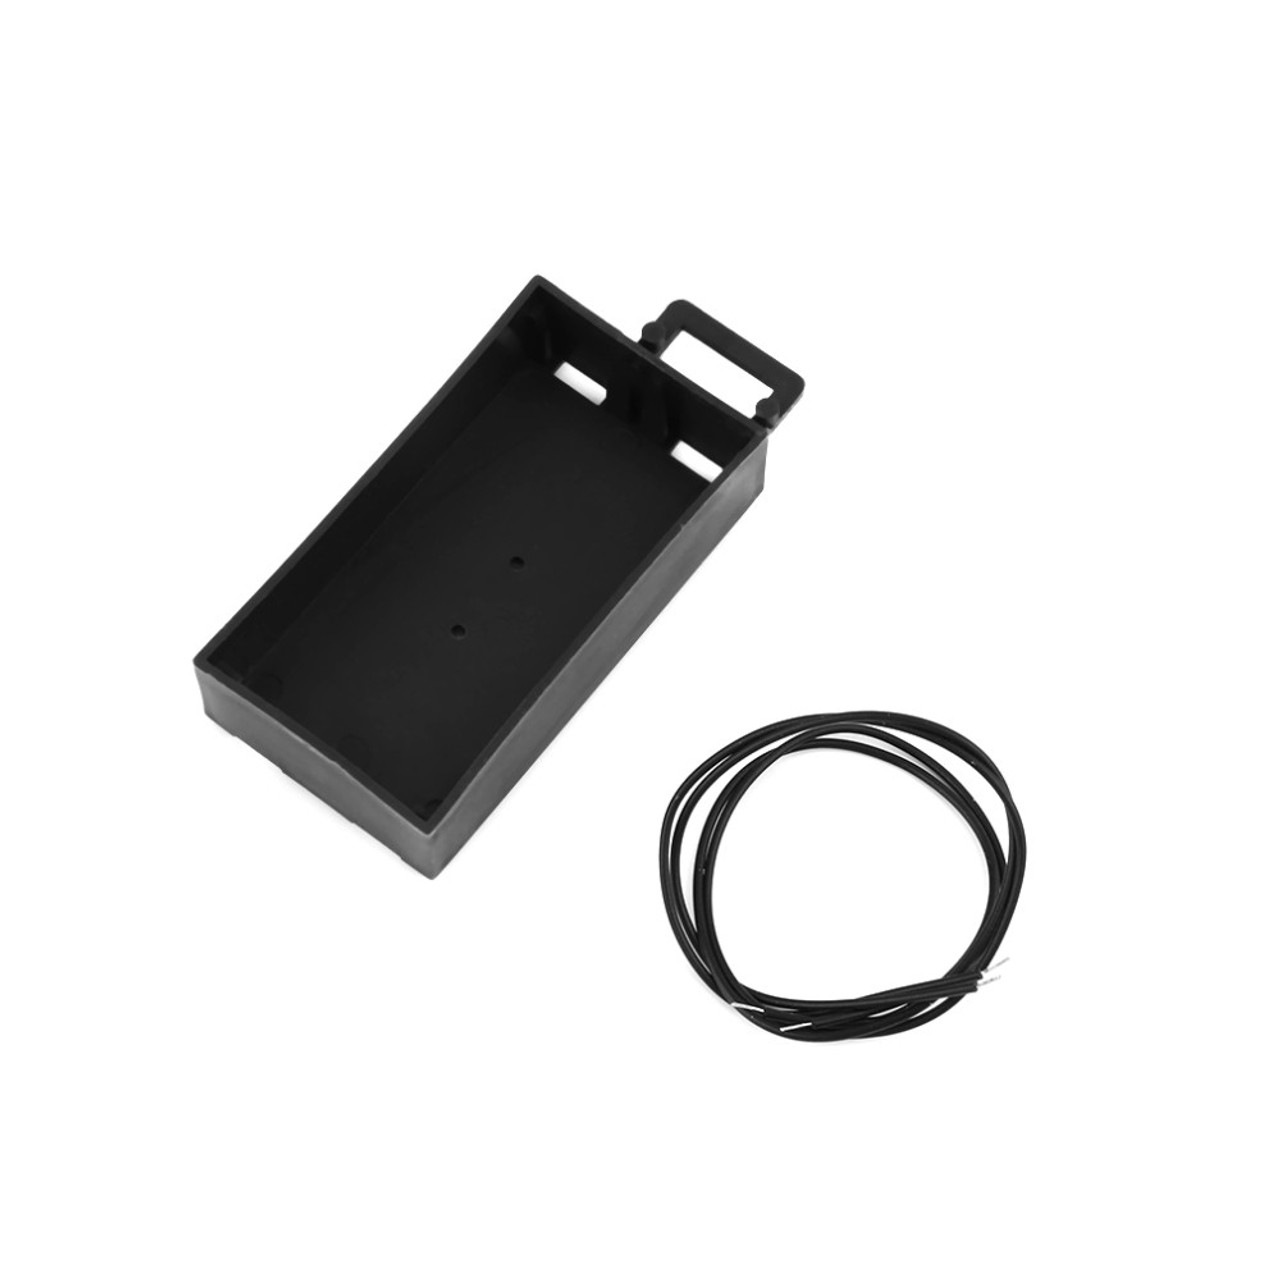 Battery holder